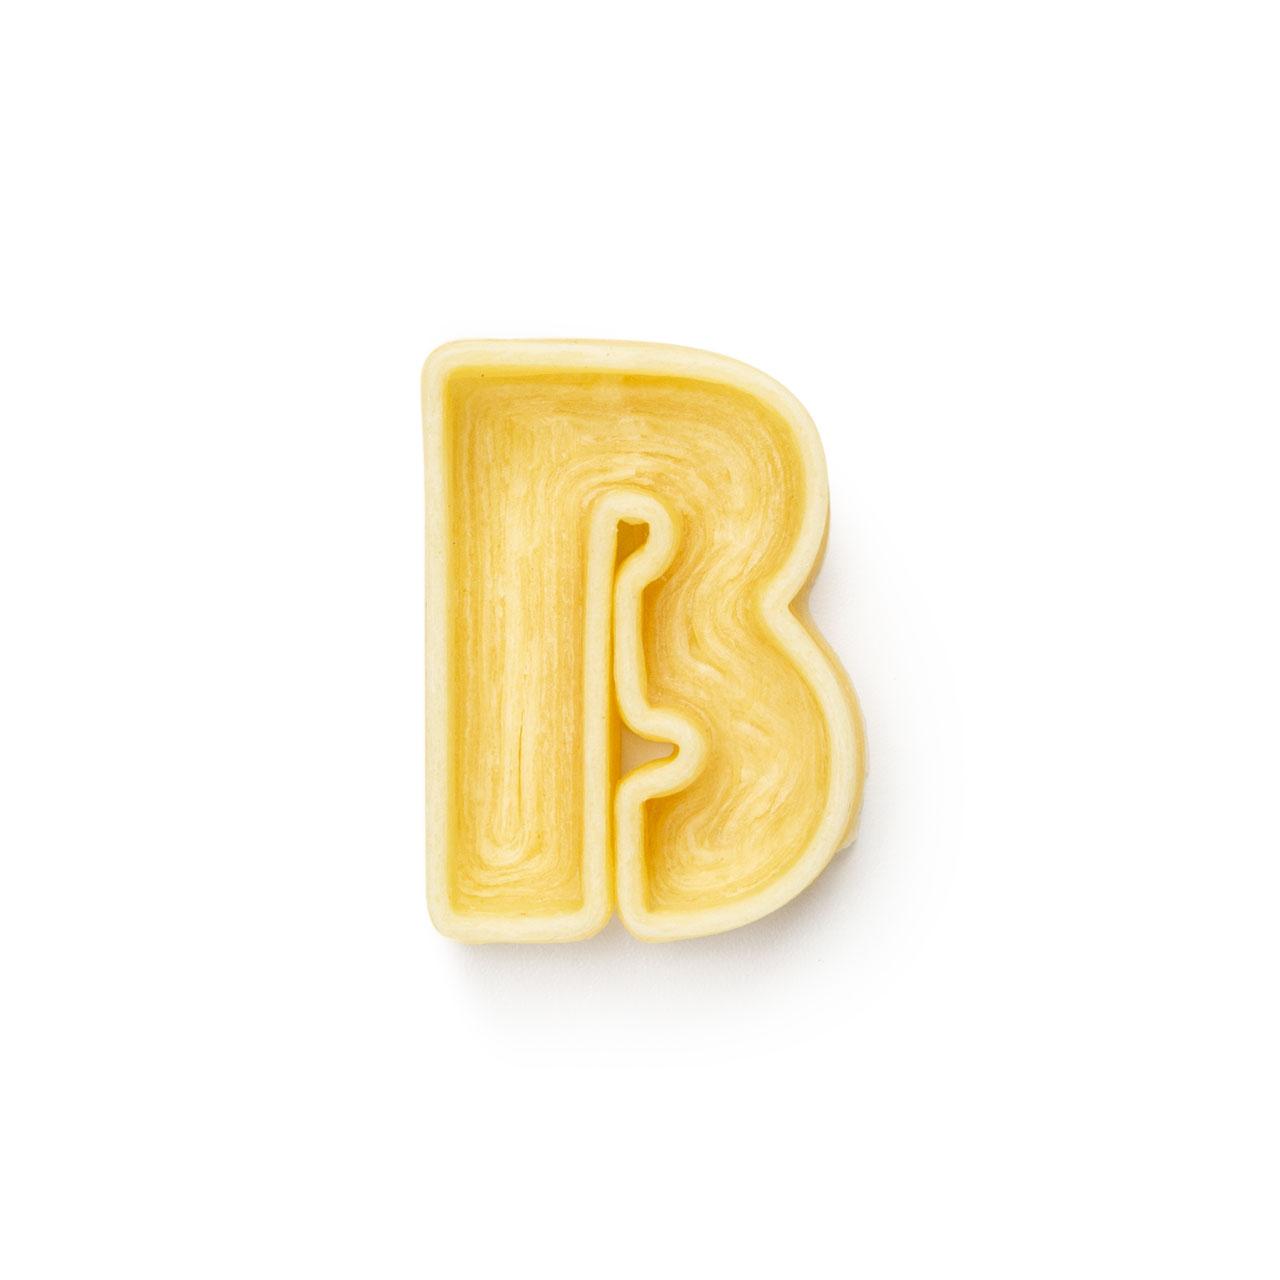 La lettera B di pasta